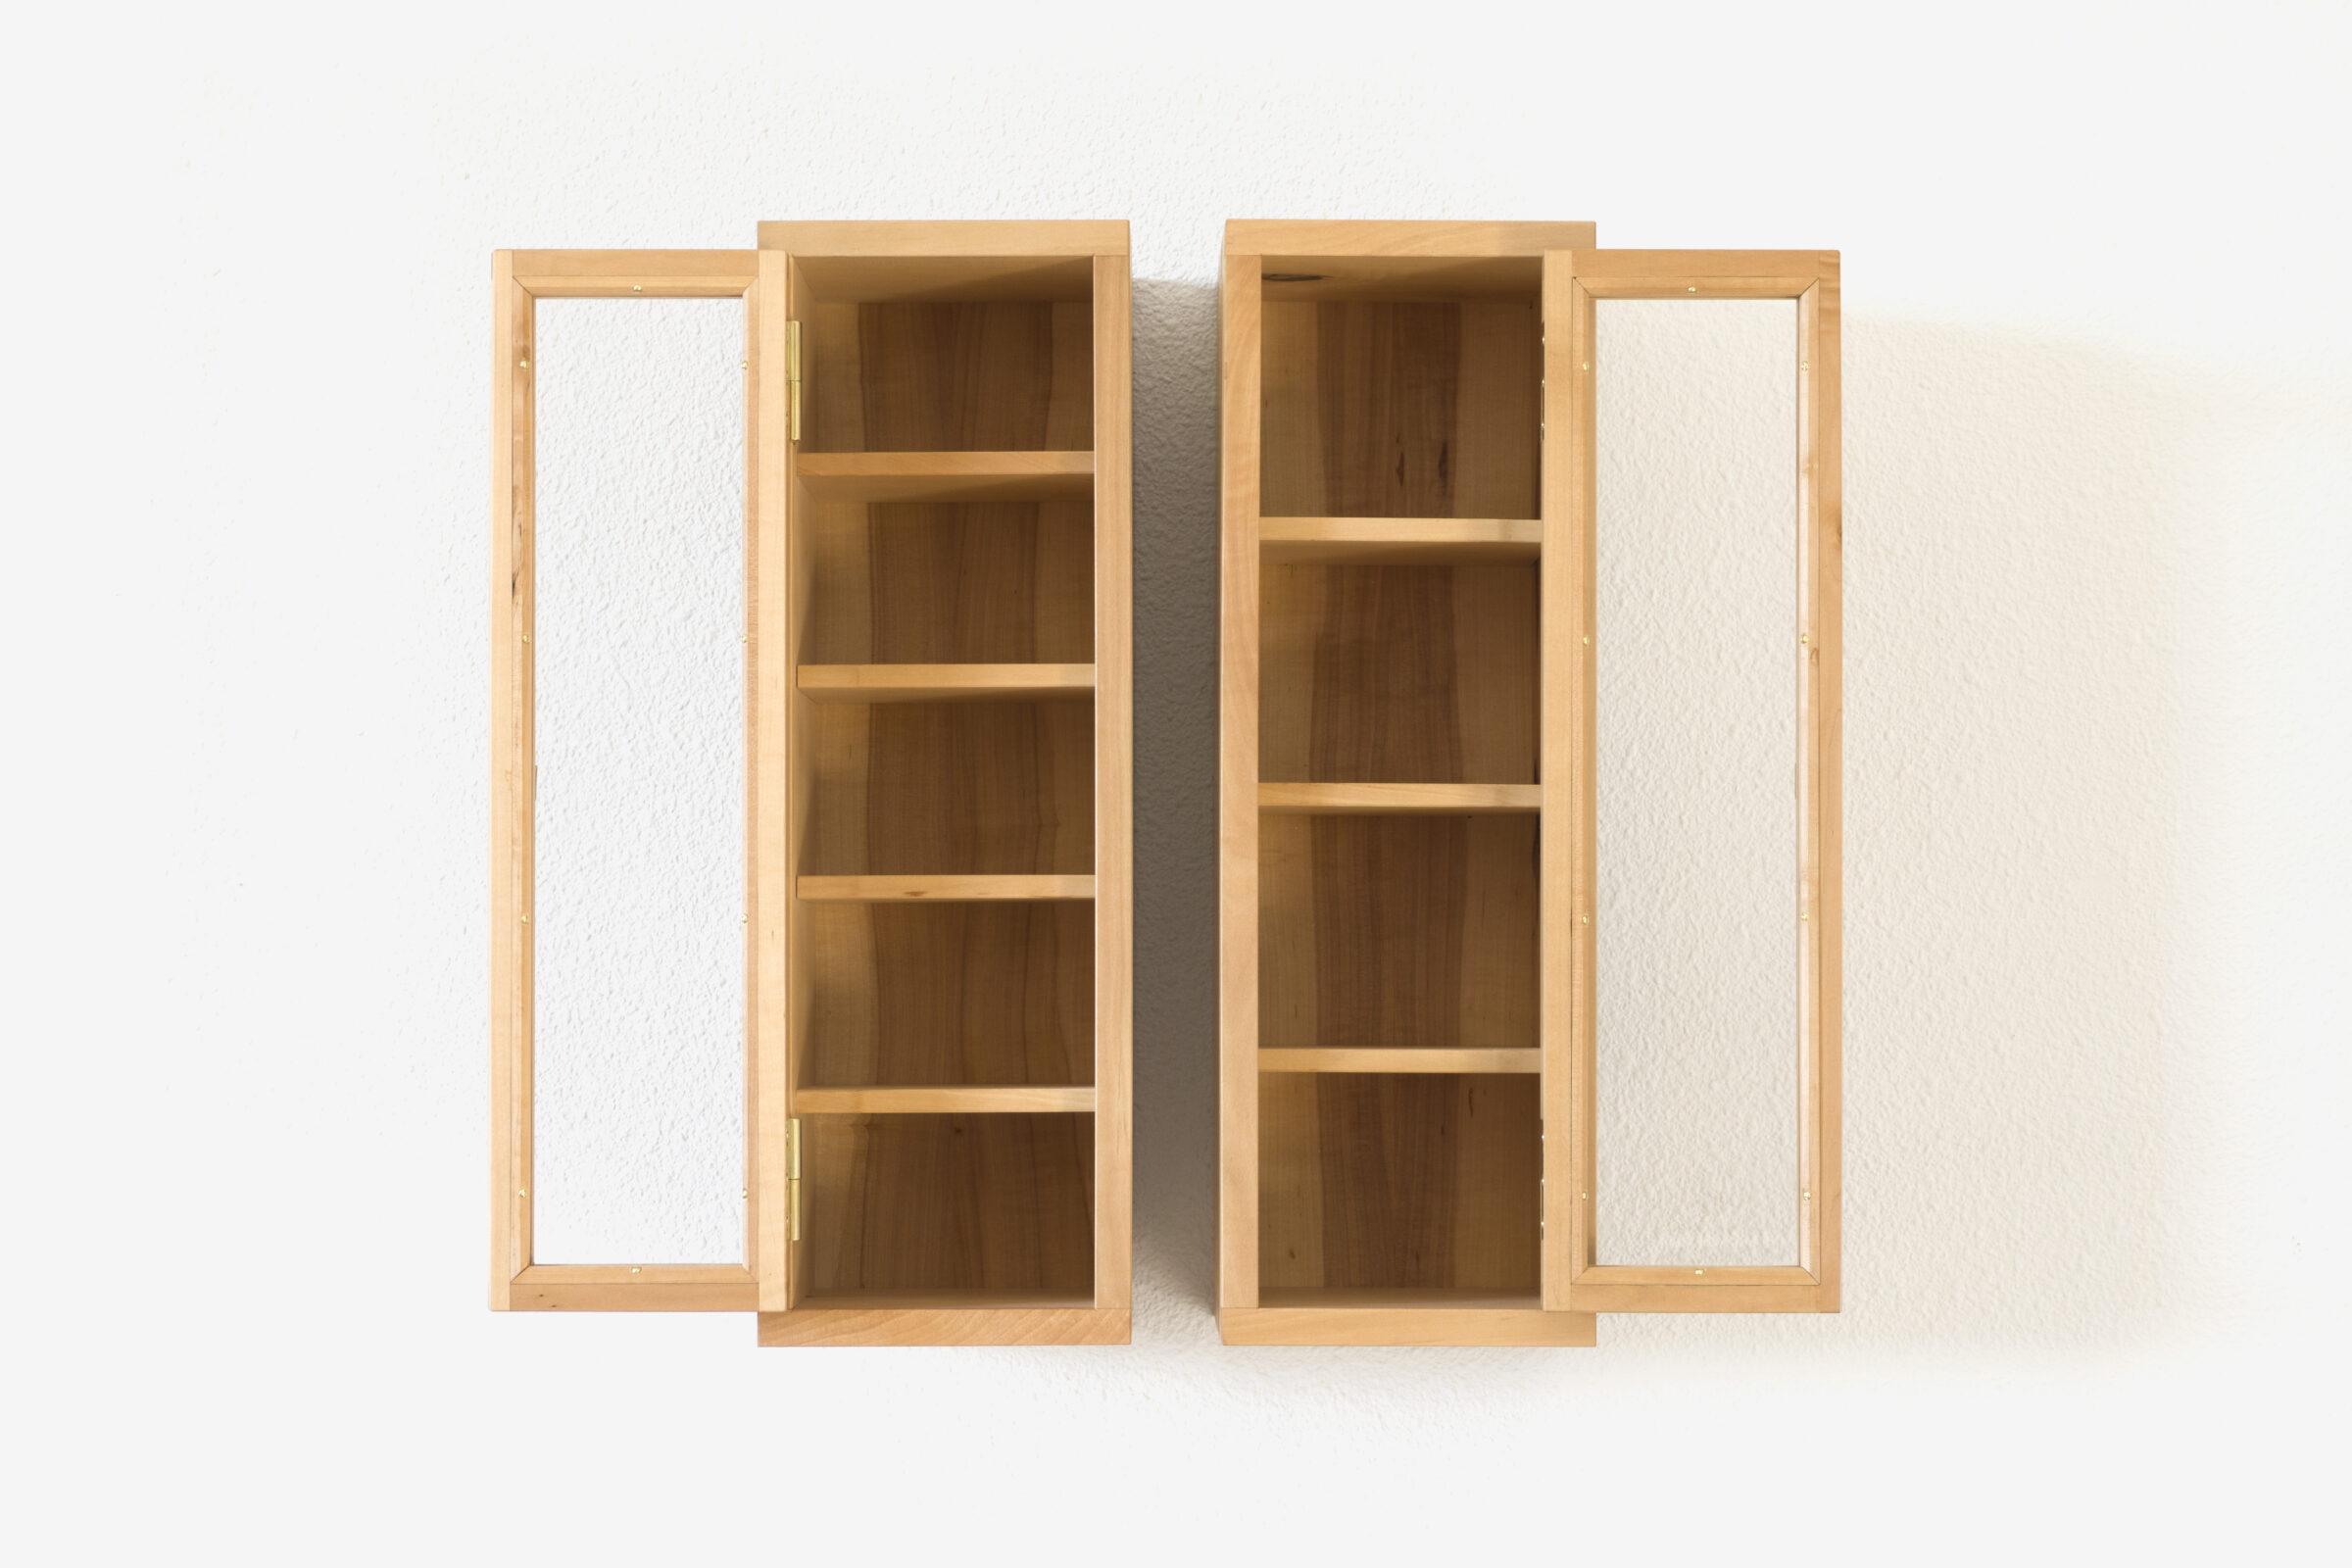 Glasschränkchen, vorne offen, Massivholzmöbel handgemacht, Hochwertige Möbel aus Massivholz, Holzoberflächen handgehobelt, Einzelmöbelstücke, The Trees of Life